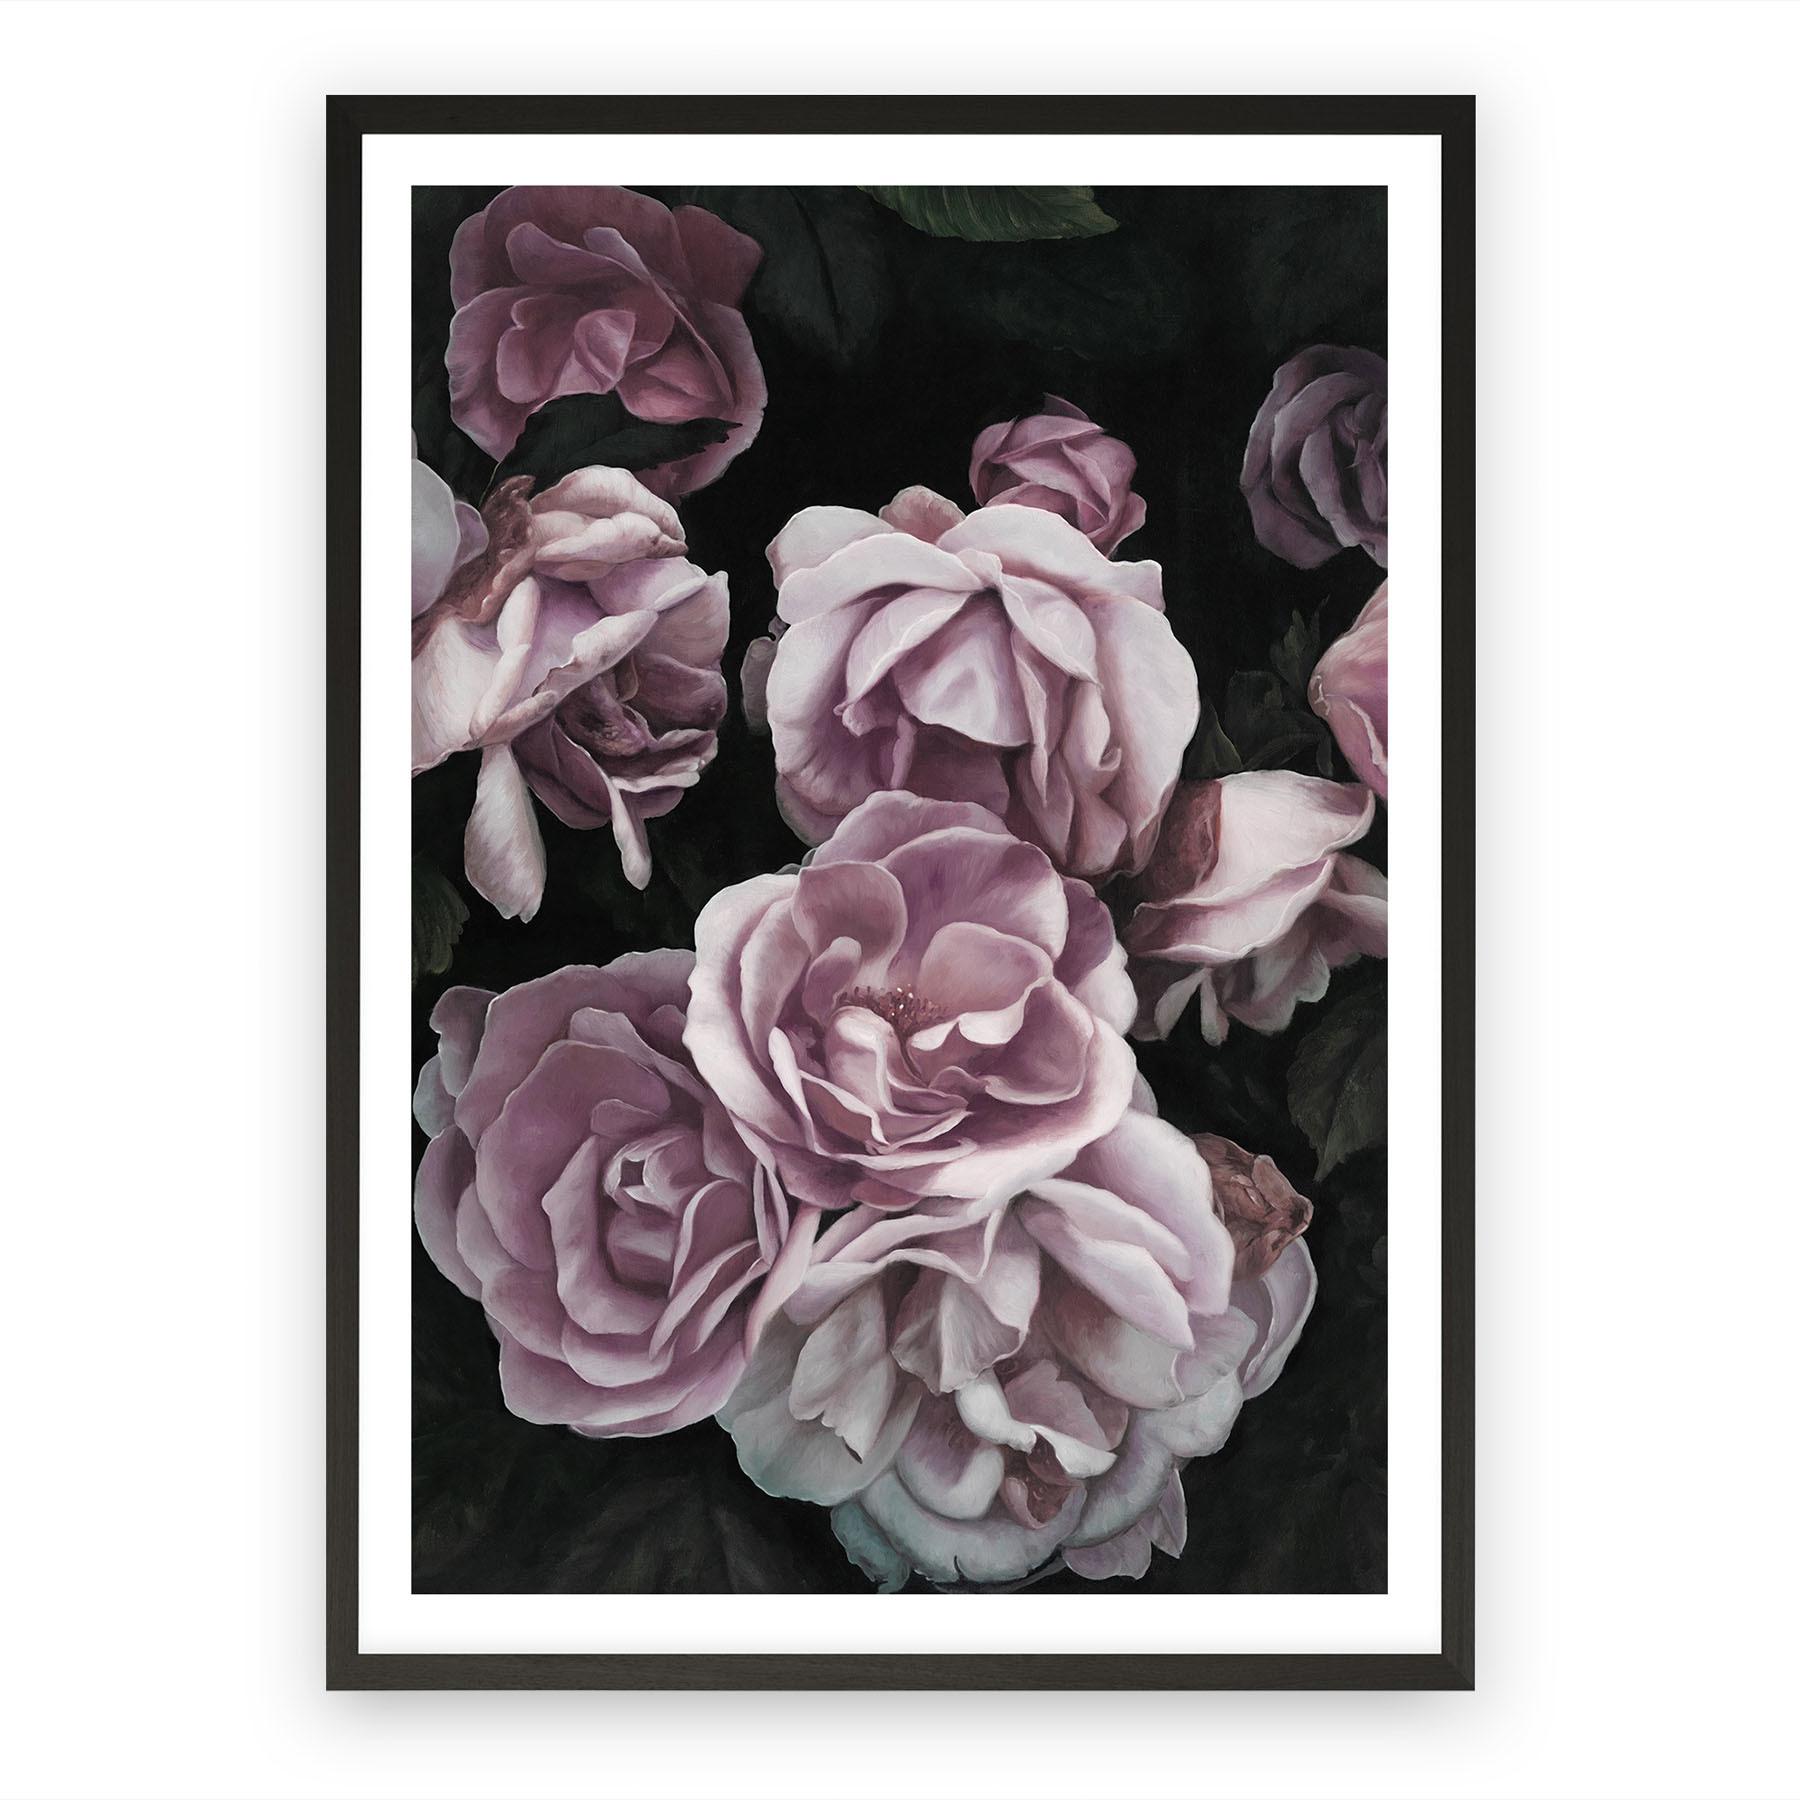 Tranh hoa hồng in canvas có khung đen tinh tế, sang trọng